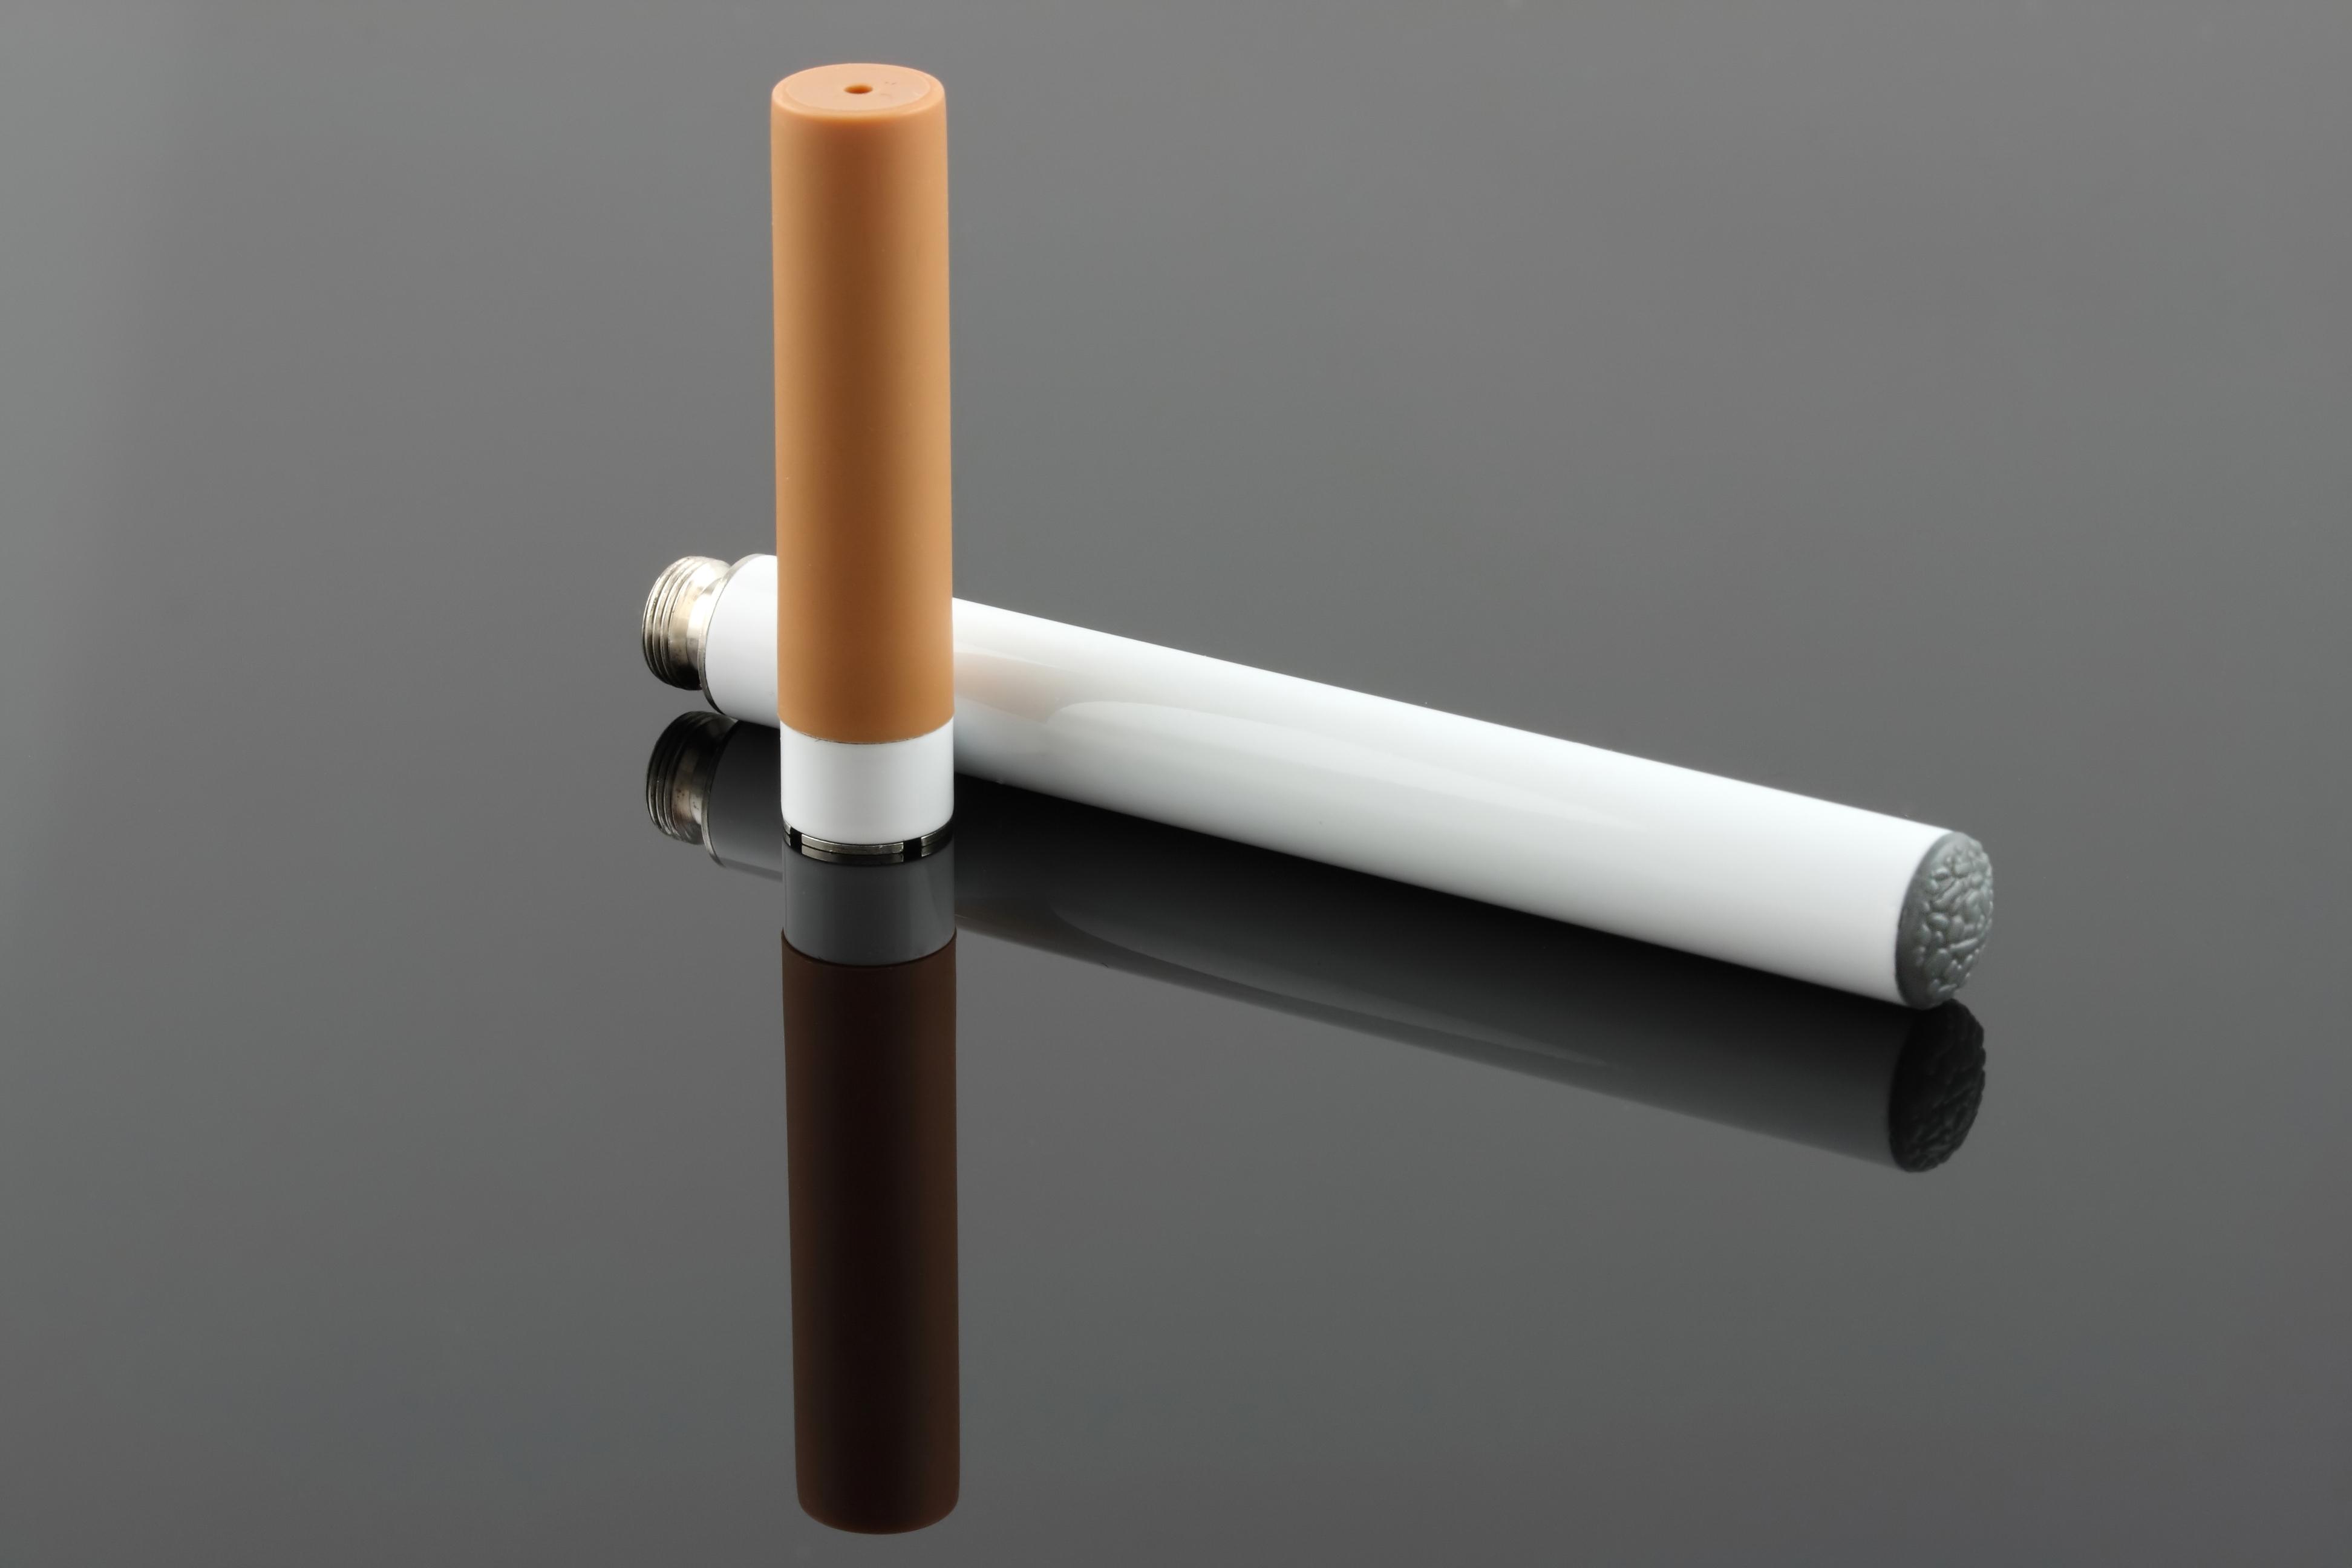 How to make an e cigarette into a vaporizer